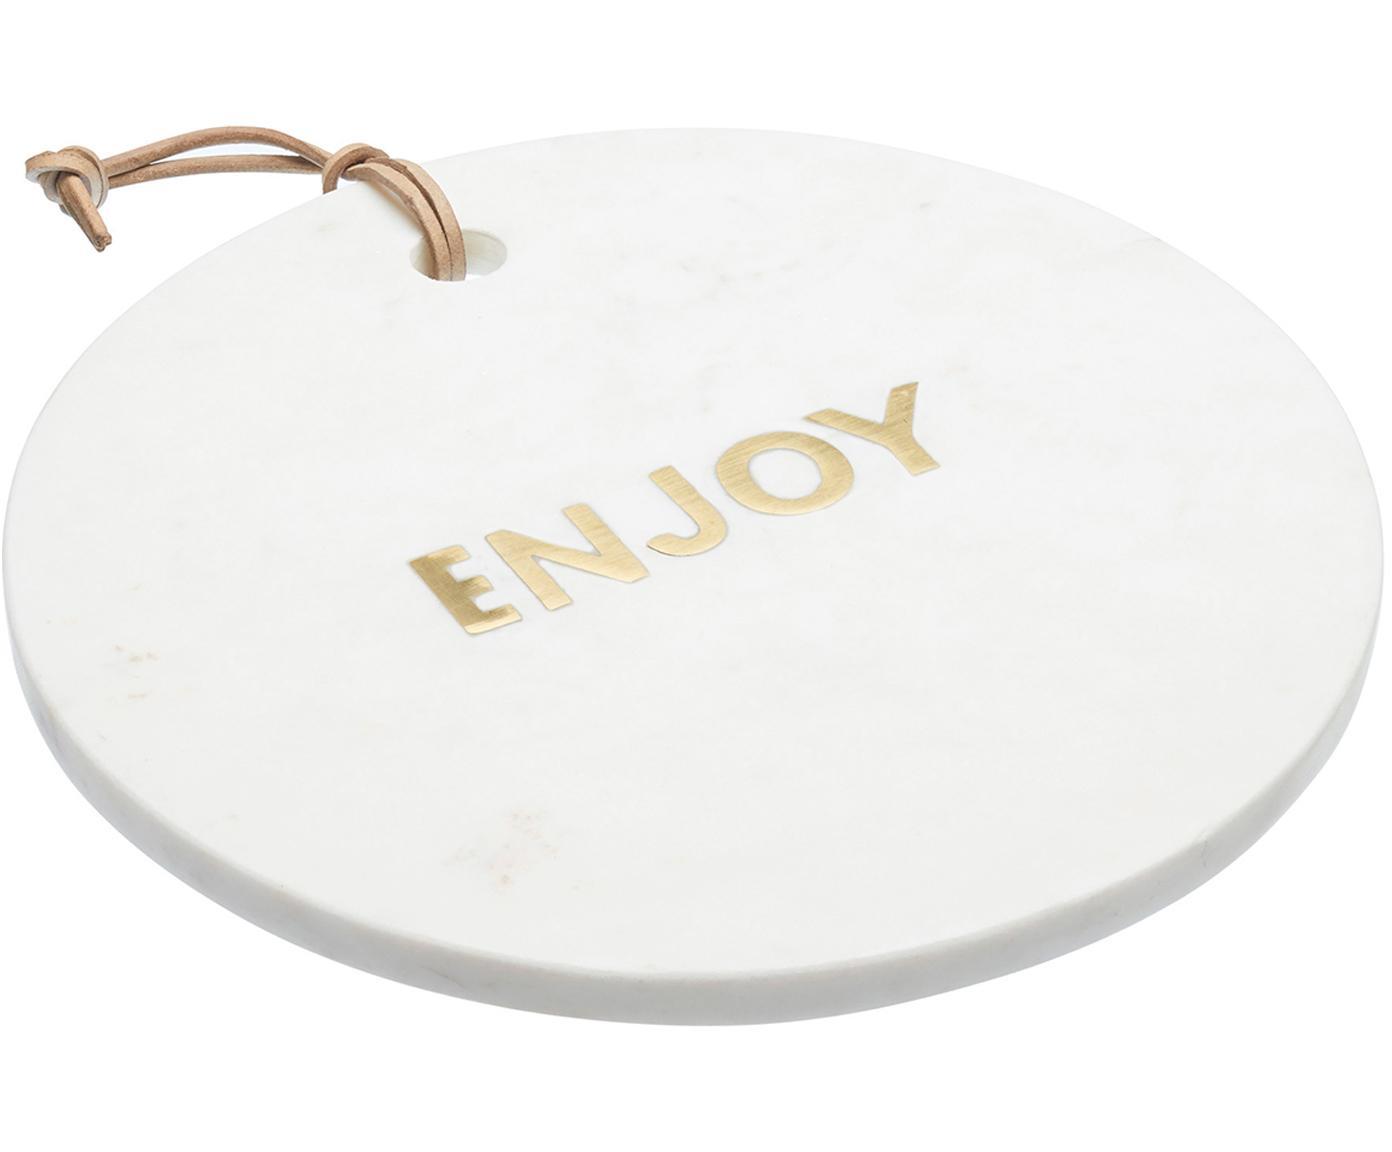 Marmeren serveerplank Artesa, Marmer, Wit, goudkleurig, Ø 26 cm